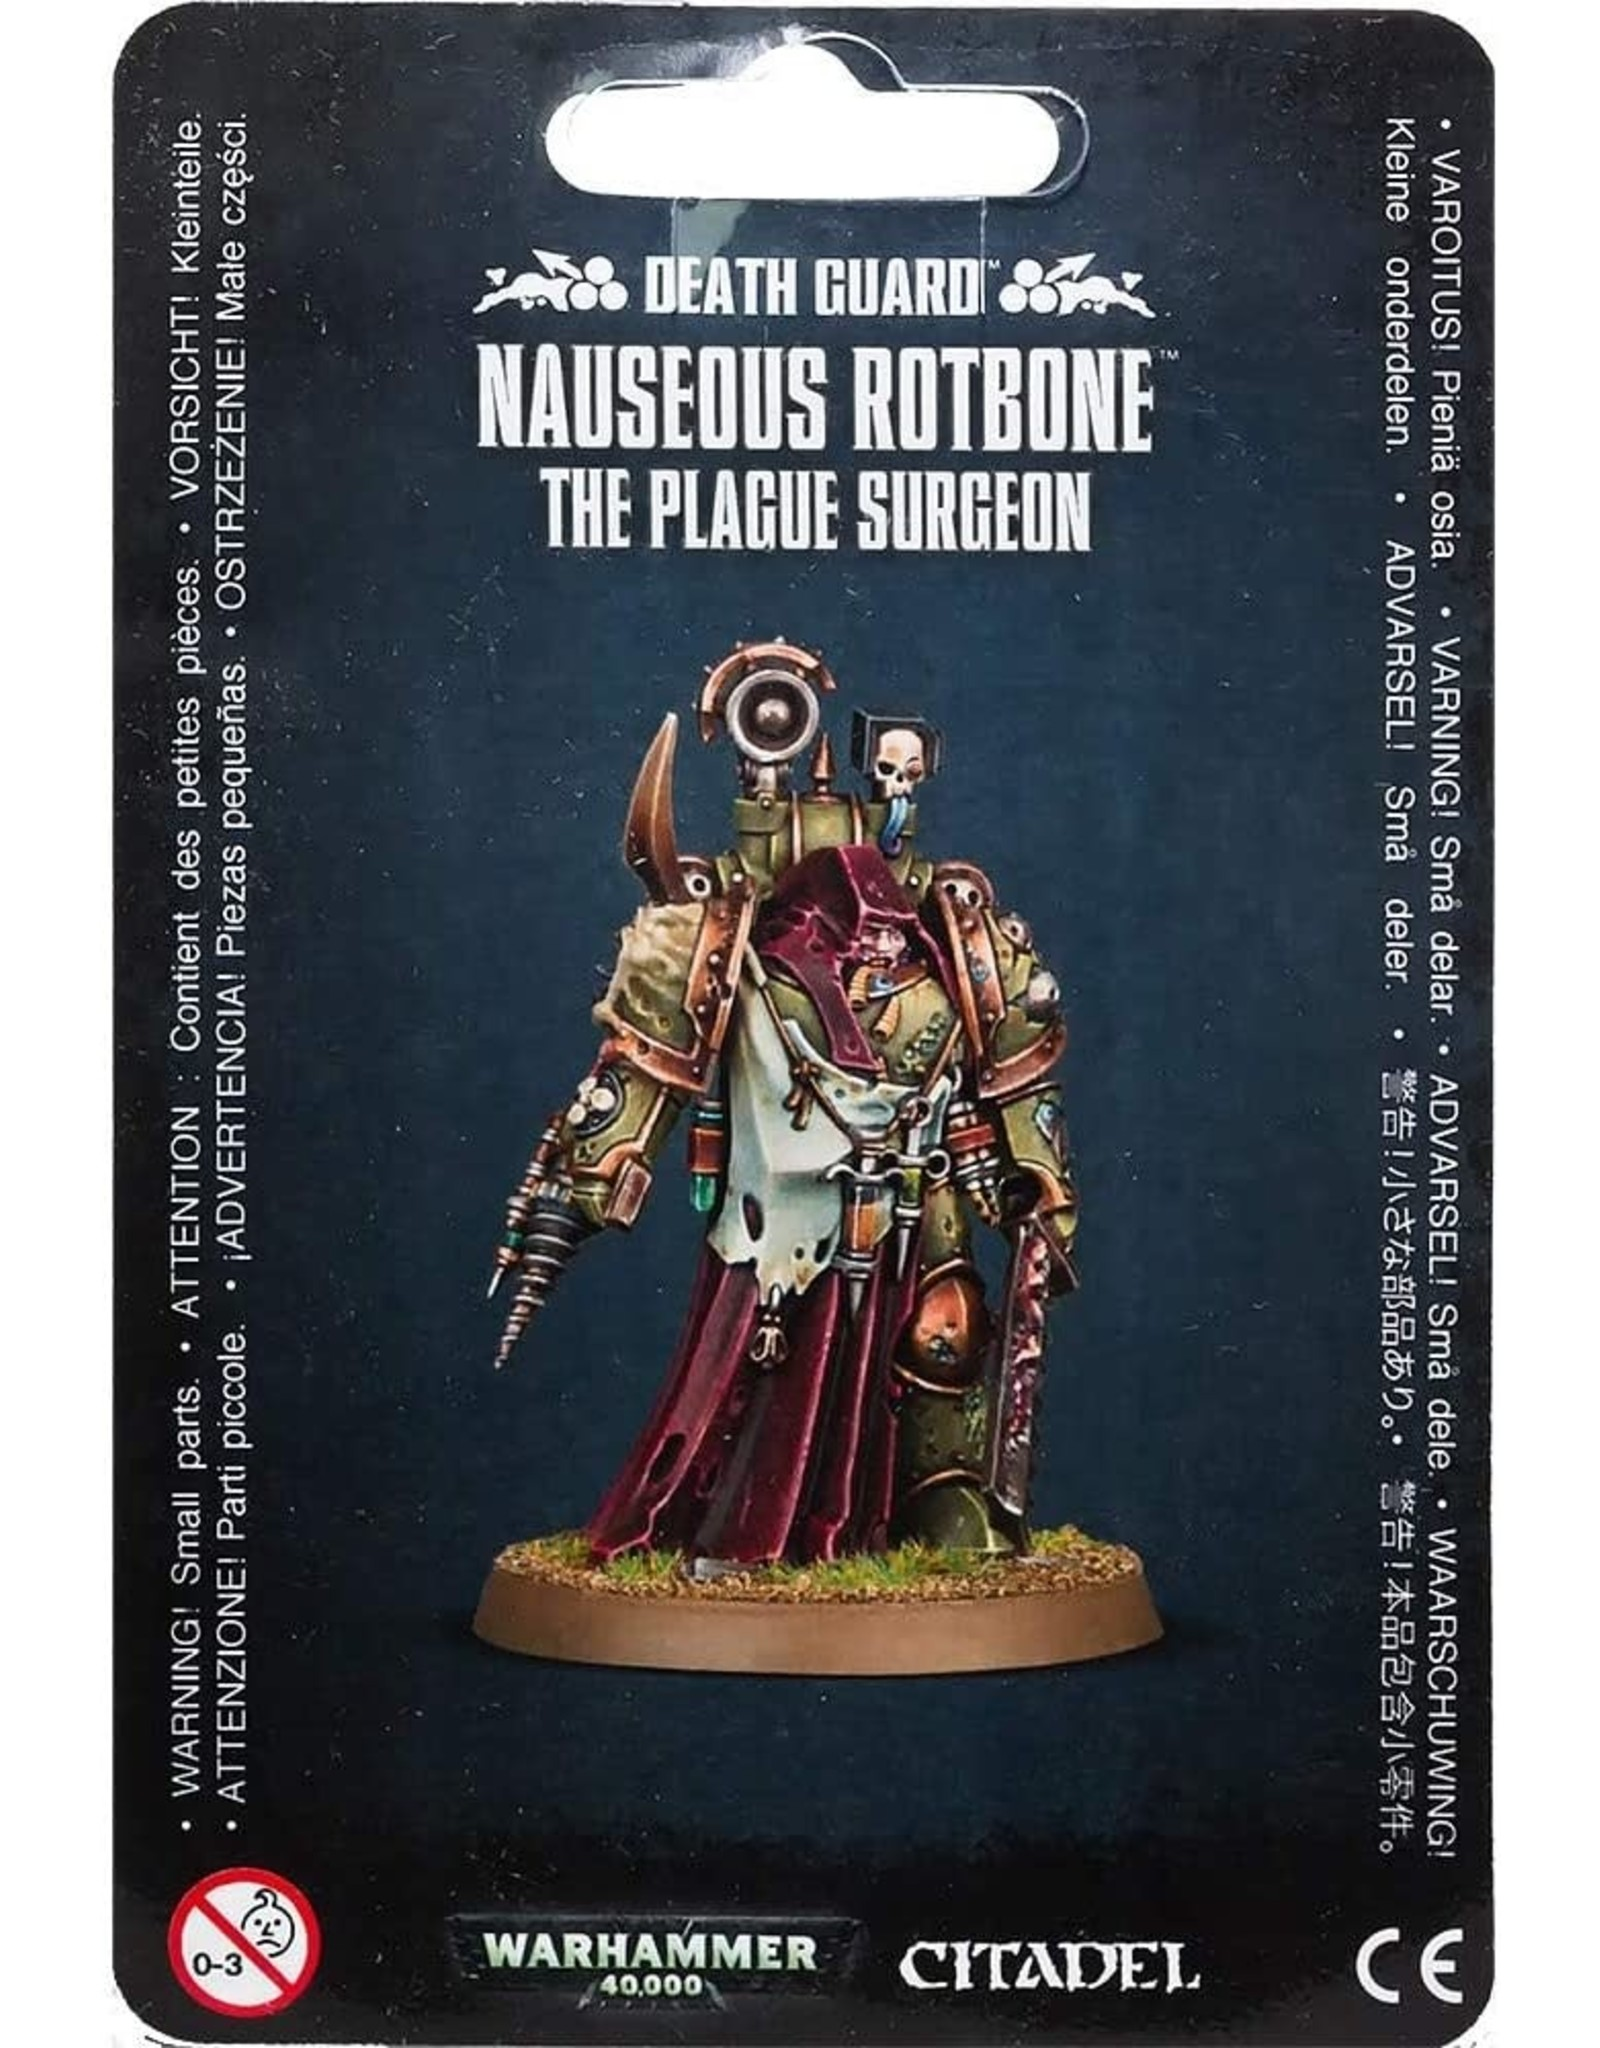 Warhammer 40k DEATH GUARD NAUSEOUS ROTBONE, THE PLAGUE SURGEON